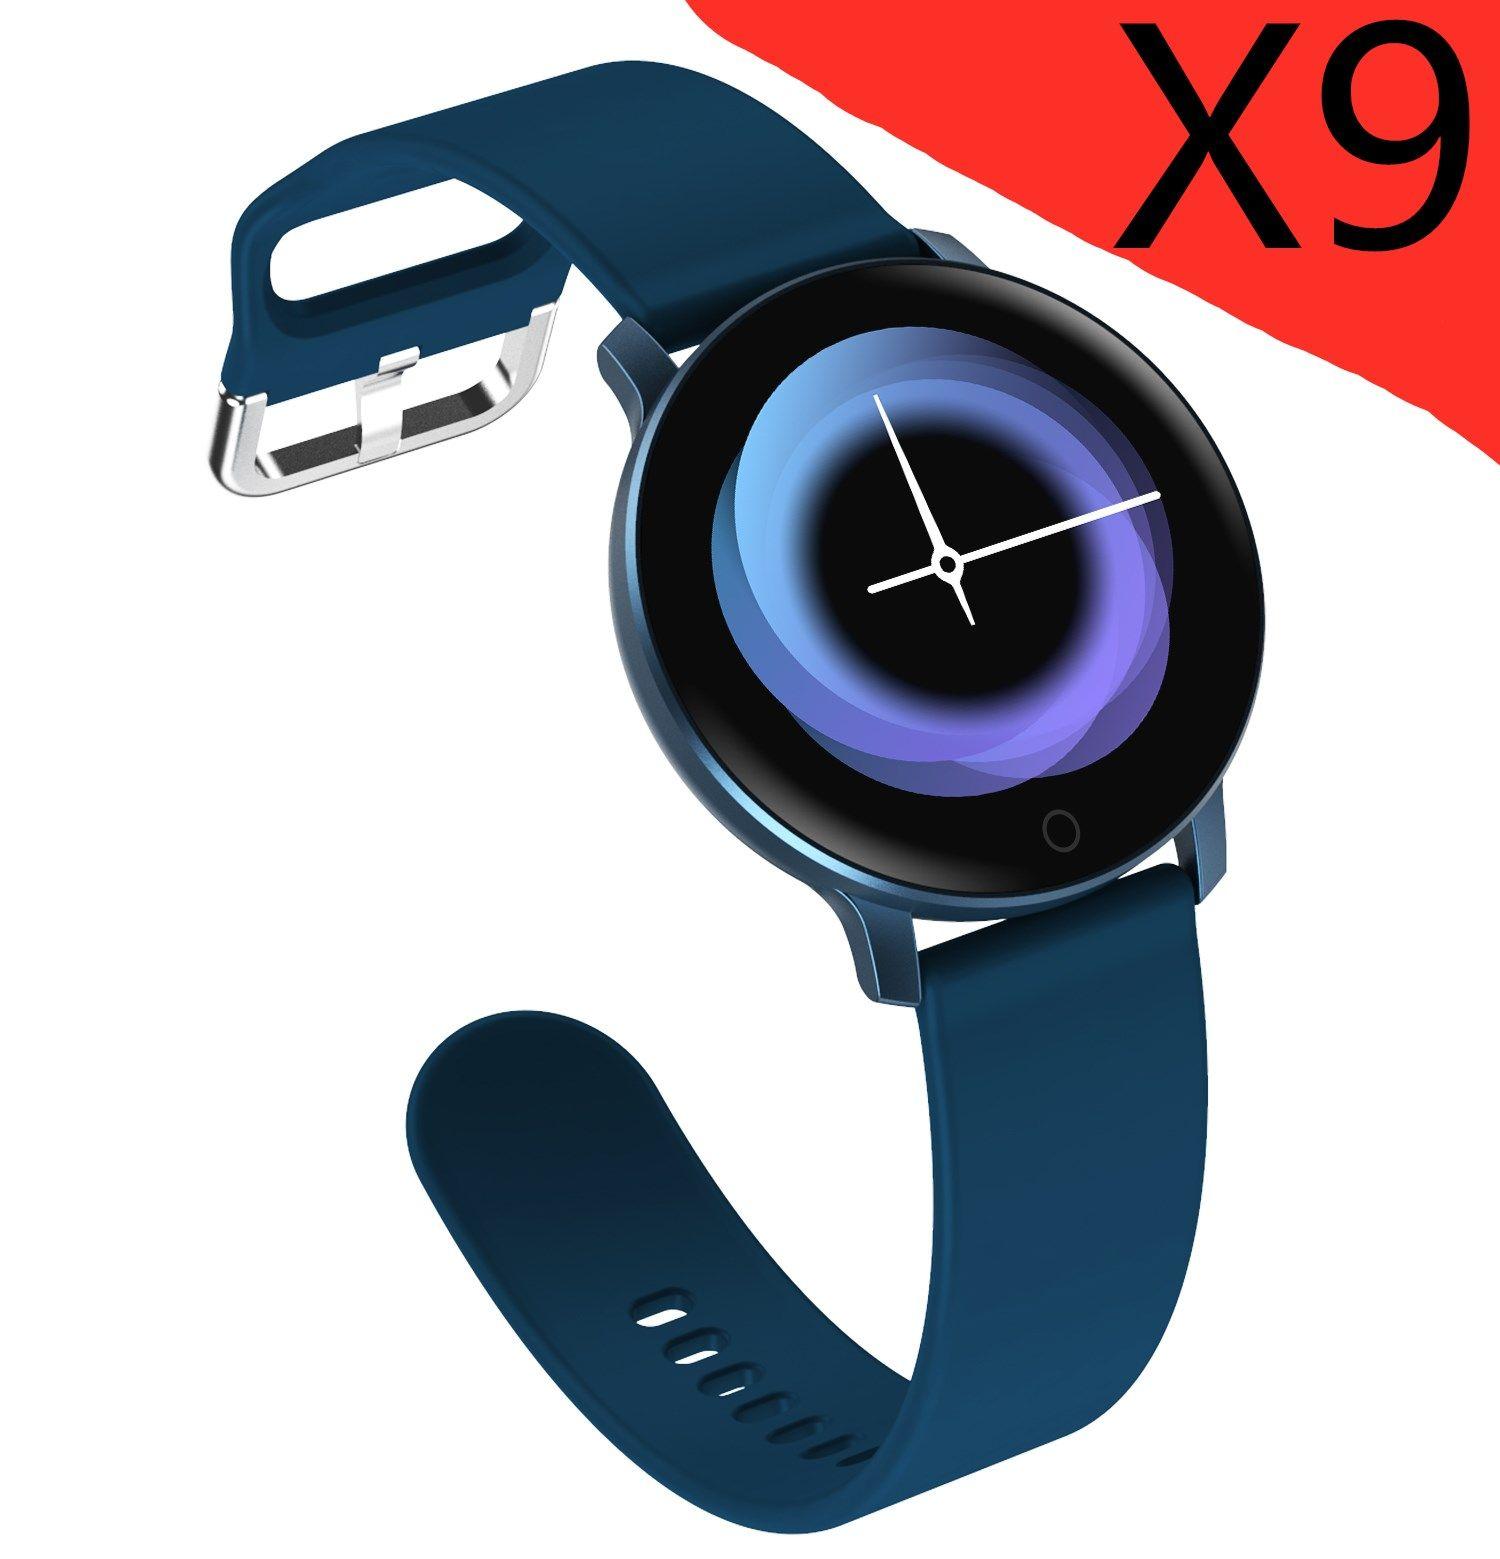 X9 inteligente Pulseira de Fitness Rastreador relógio inteligente Heart Rate pulseira inteligente Pulseira para o telefone da Apple iPhone Android com Retail Box